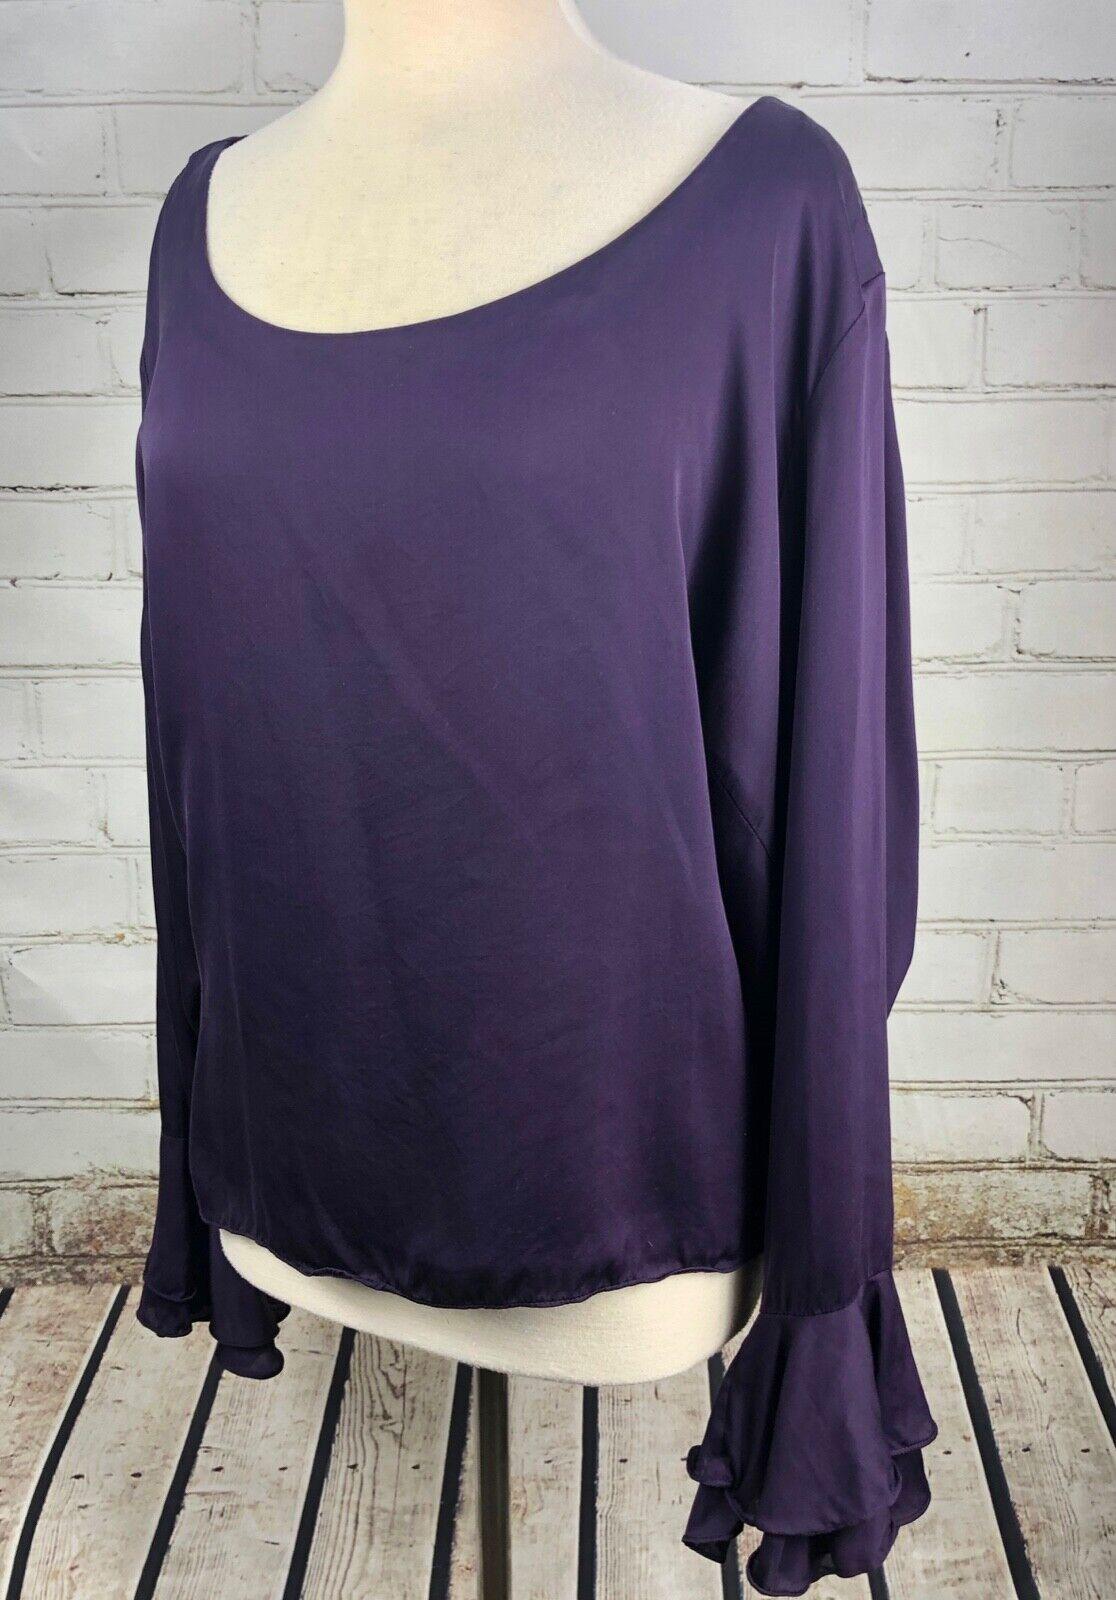 Ralph Lauren Blouse 100% Silk Ruffle Cuffs Top Shirt Woherren Plus Größe 22W